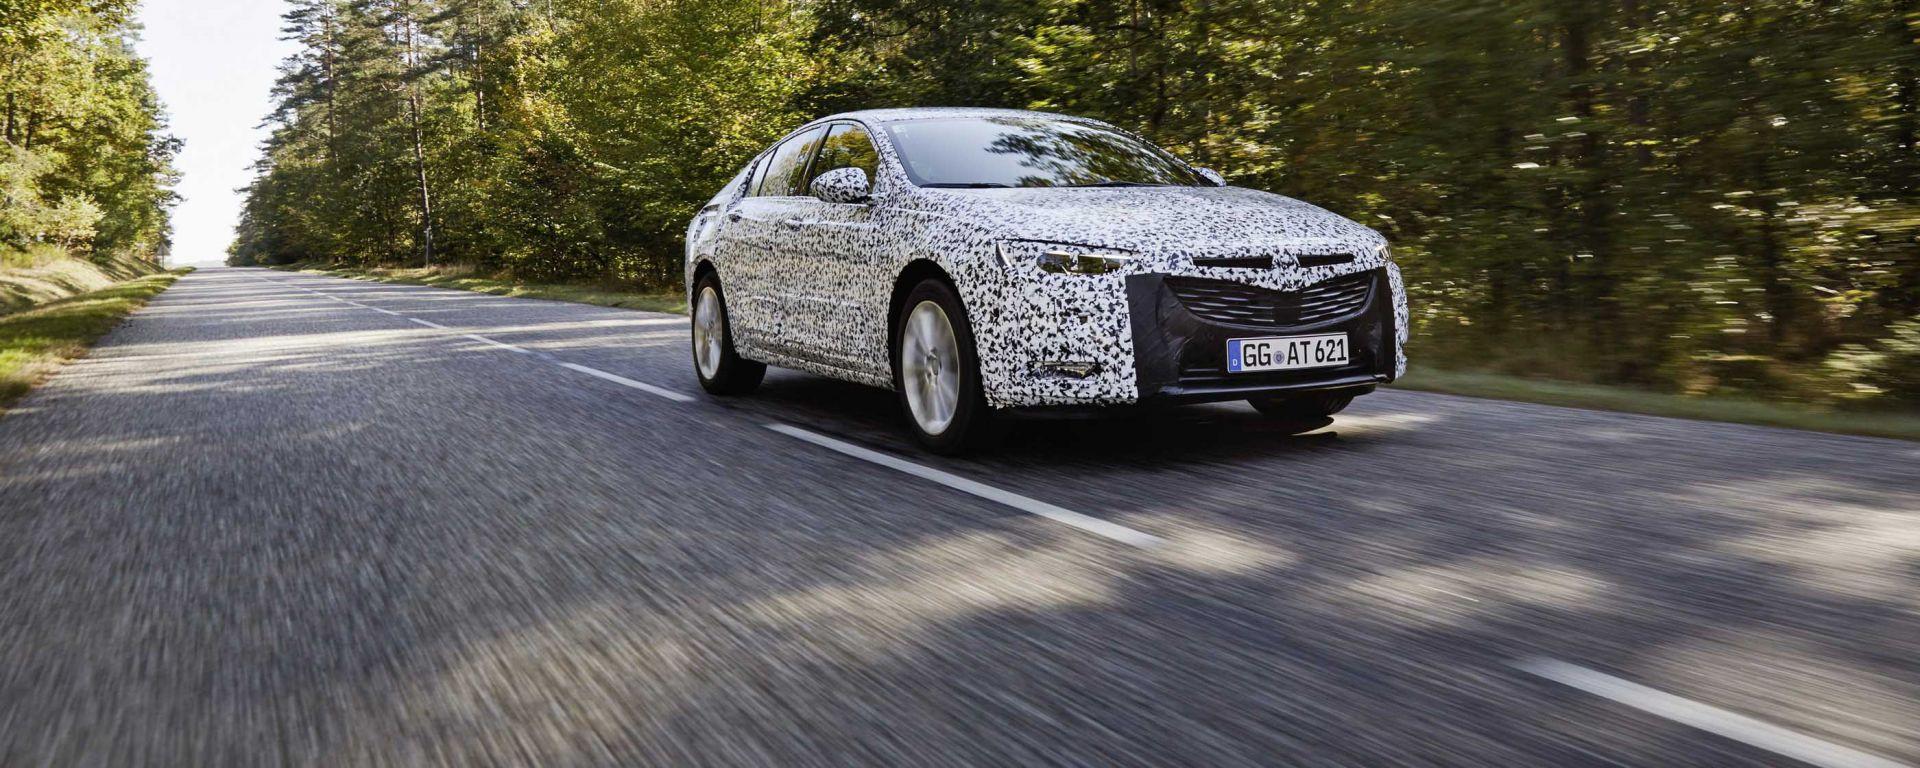 Nuova Opel Insignia: le prime informazioni ufficiali